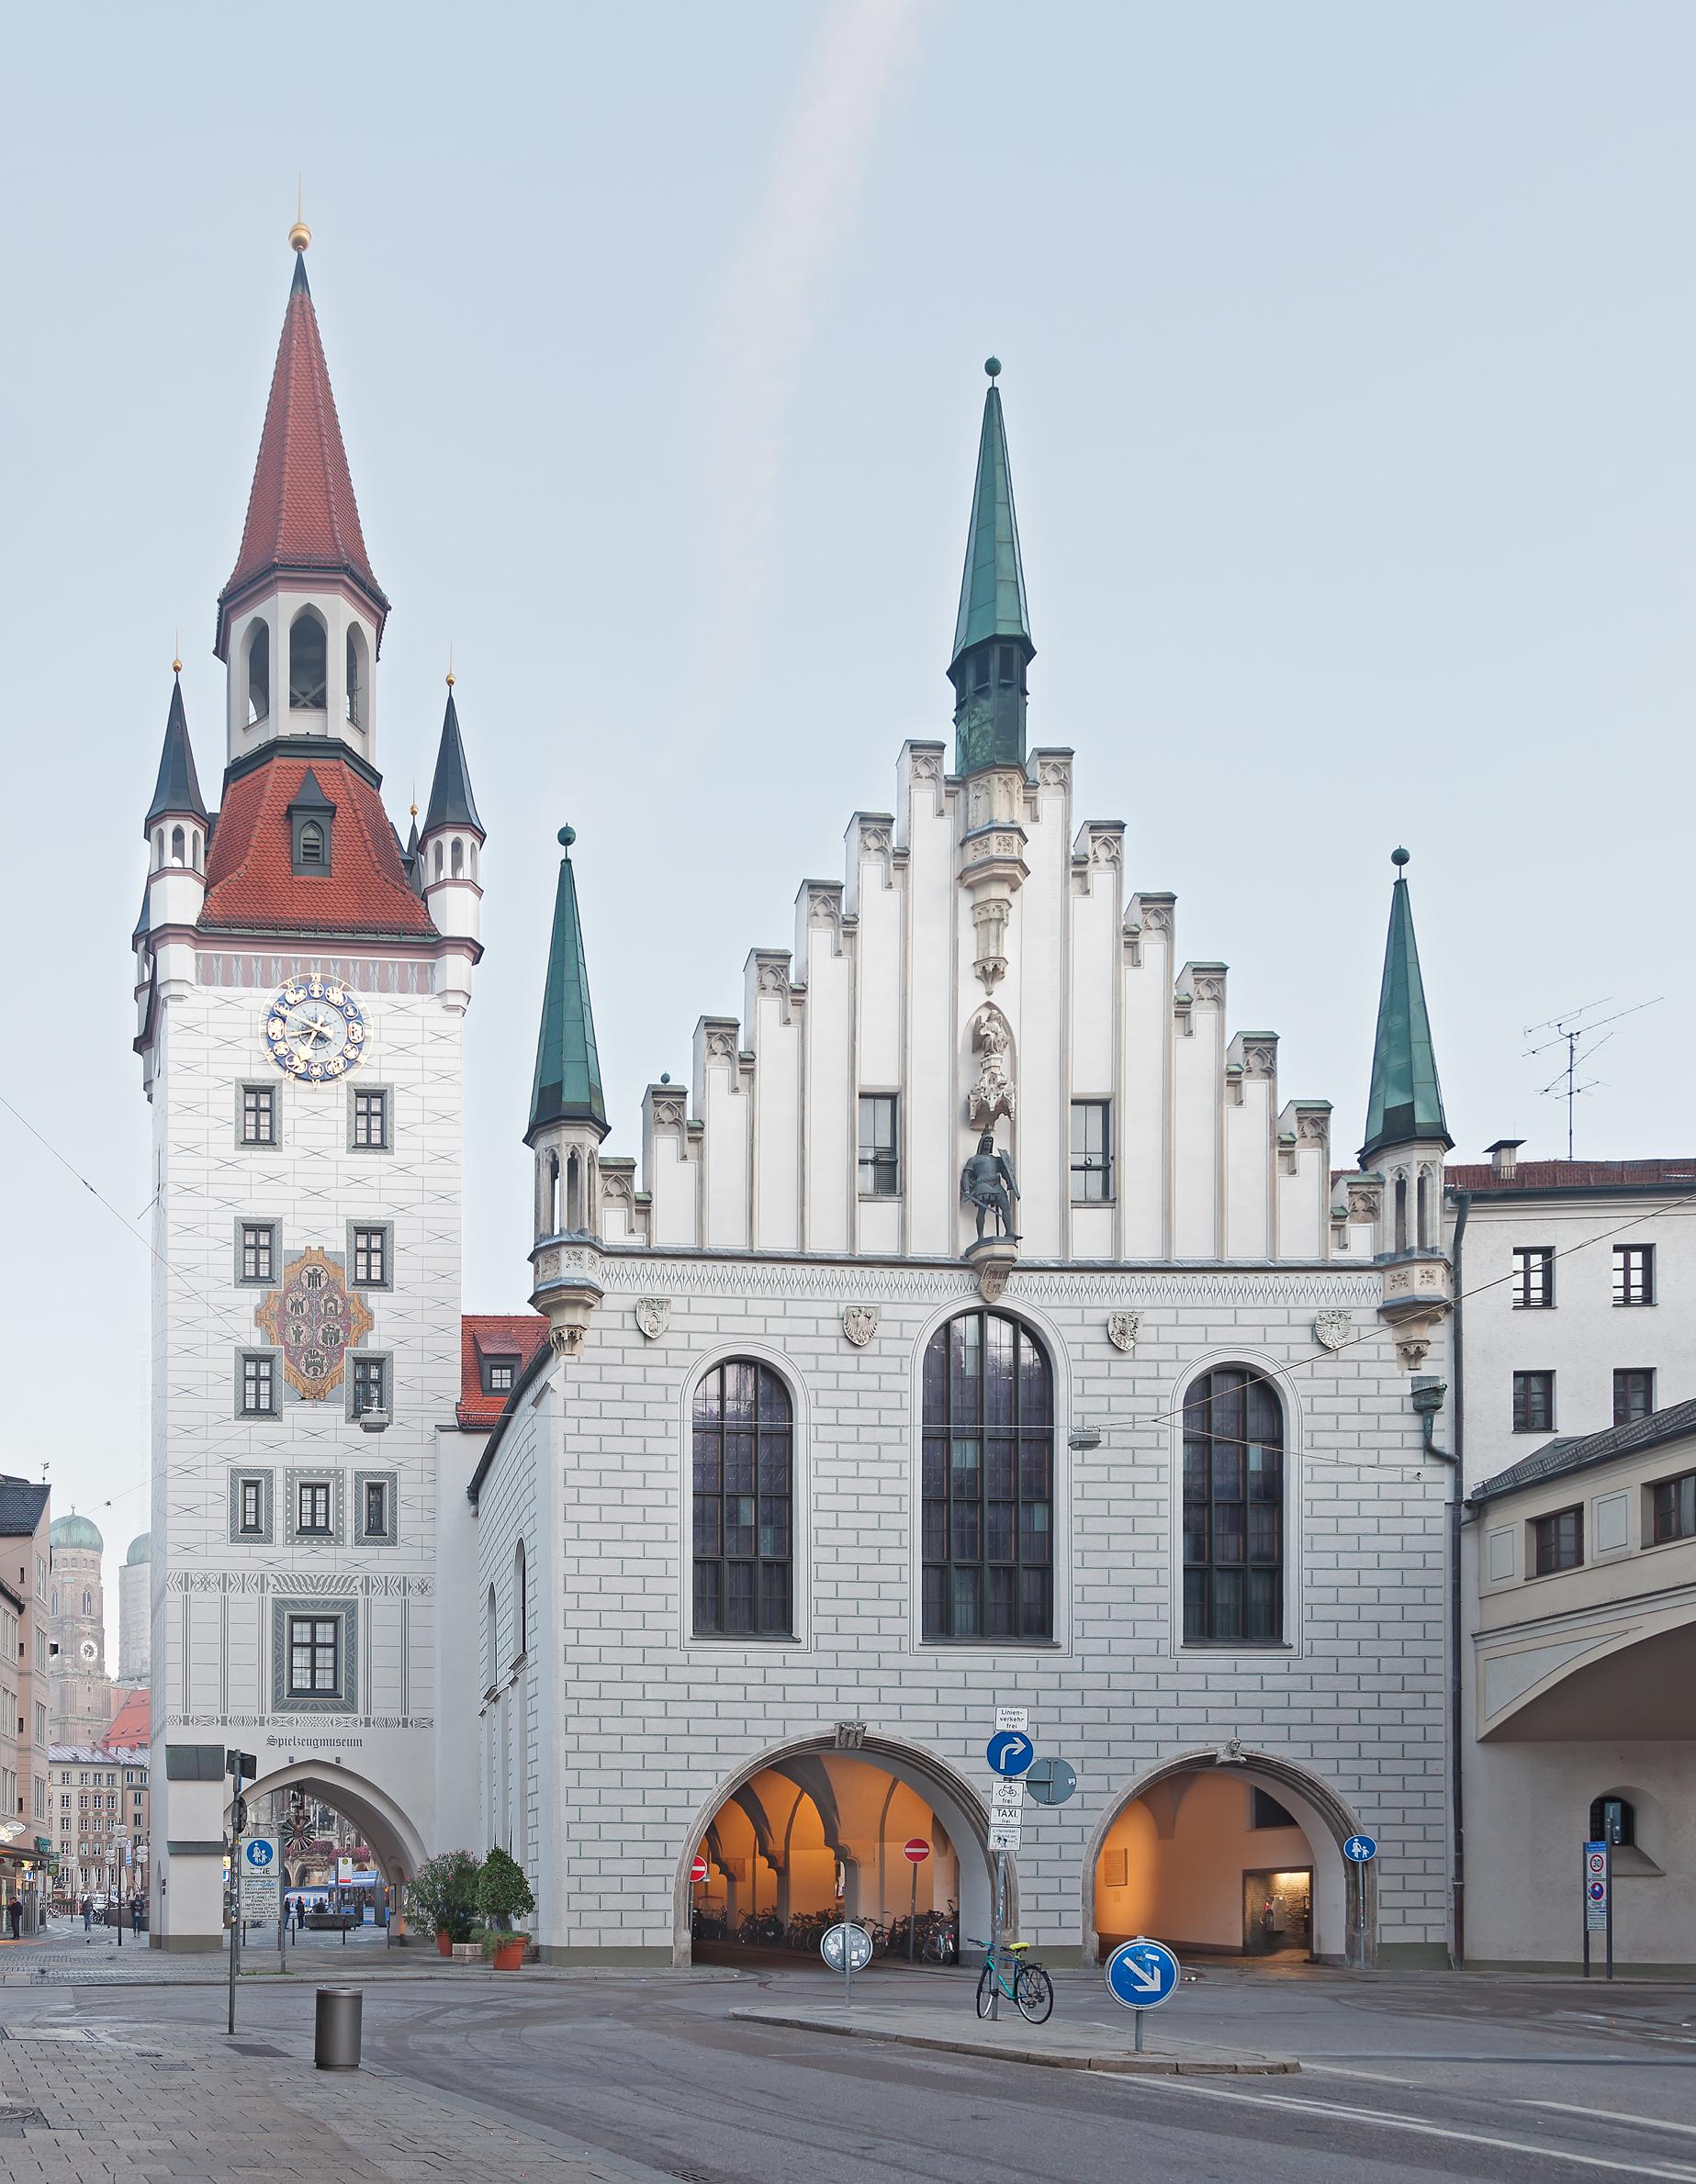 Altes Rathaus Munchen Wikipedia